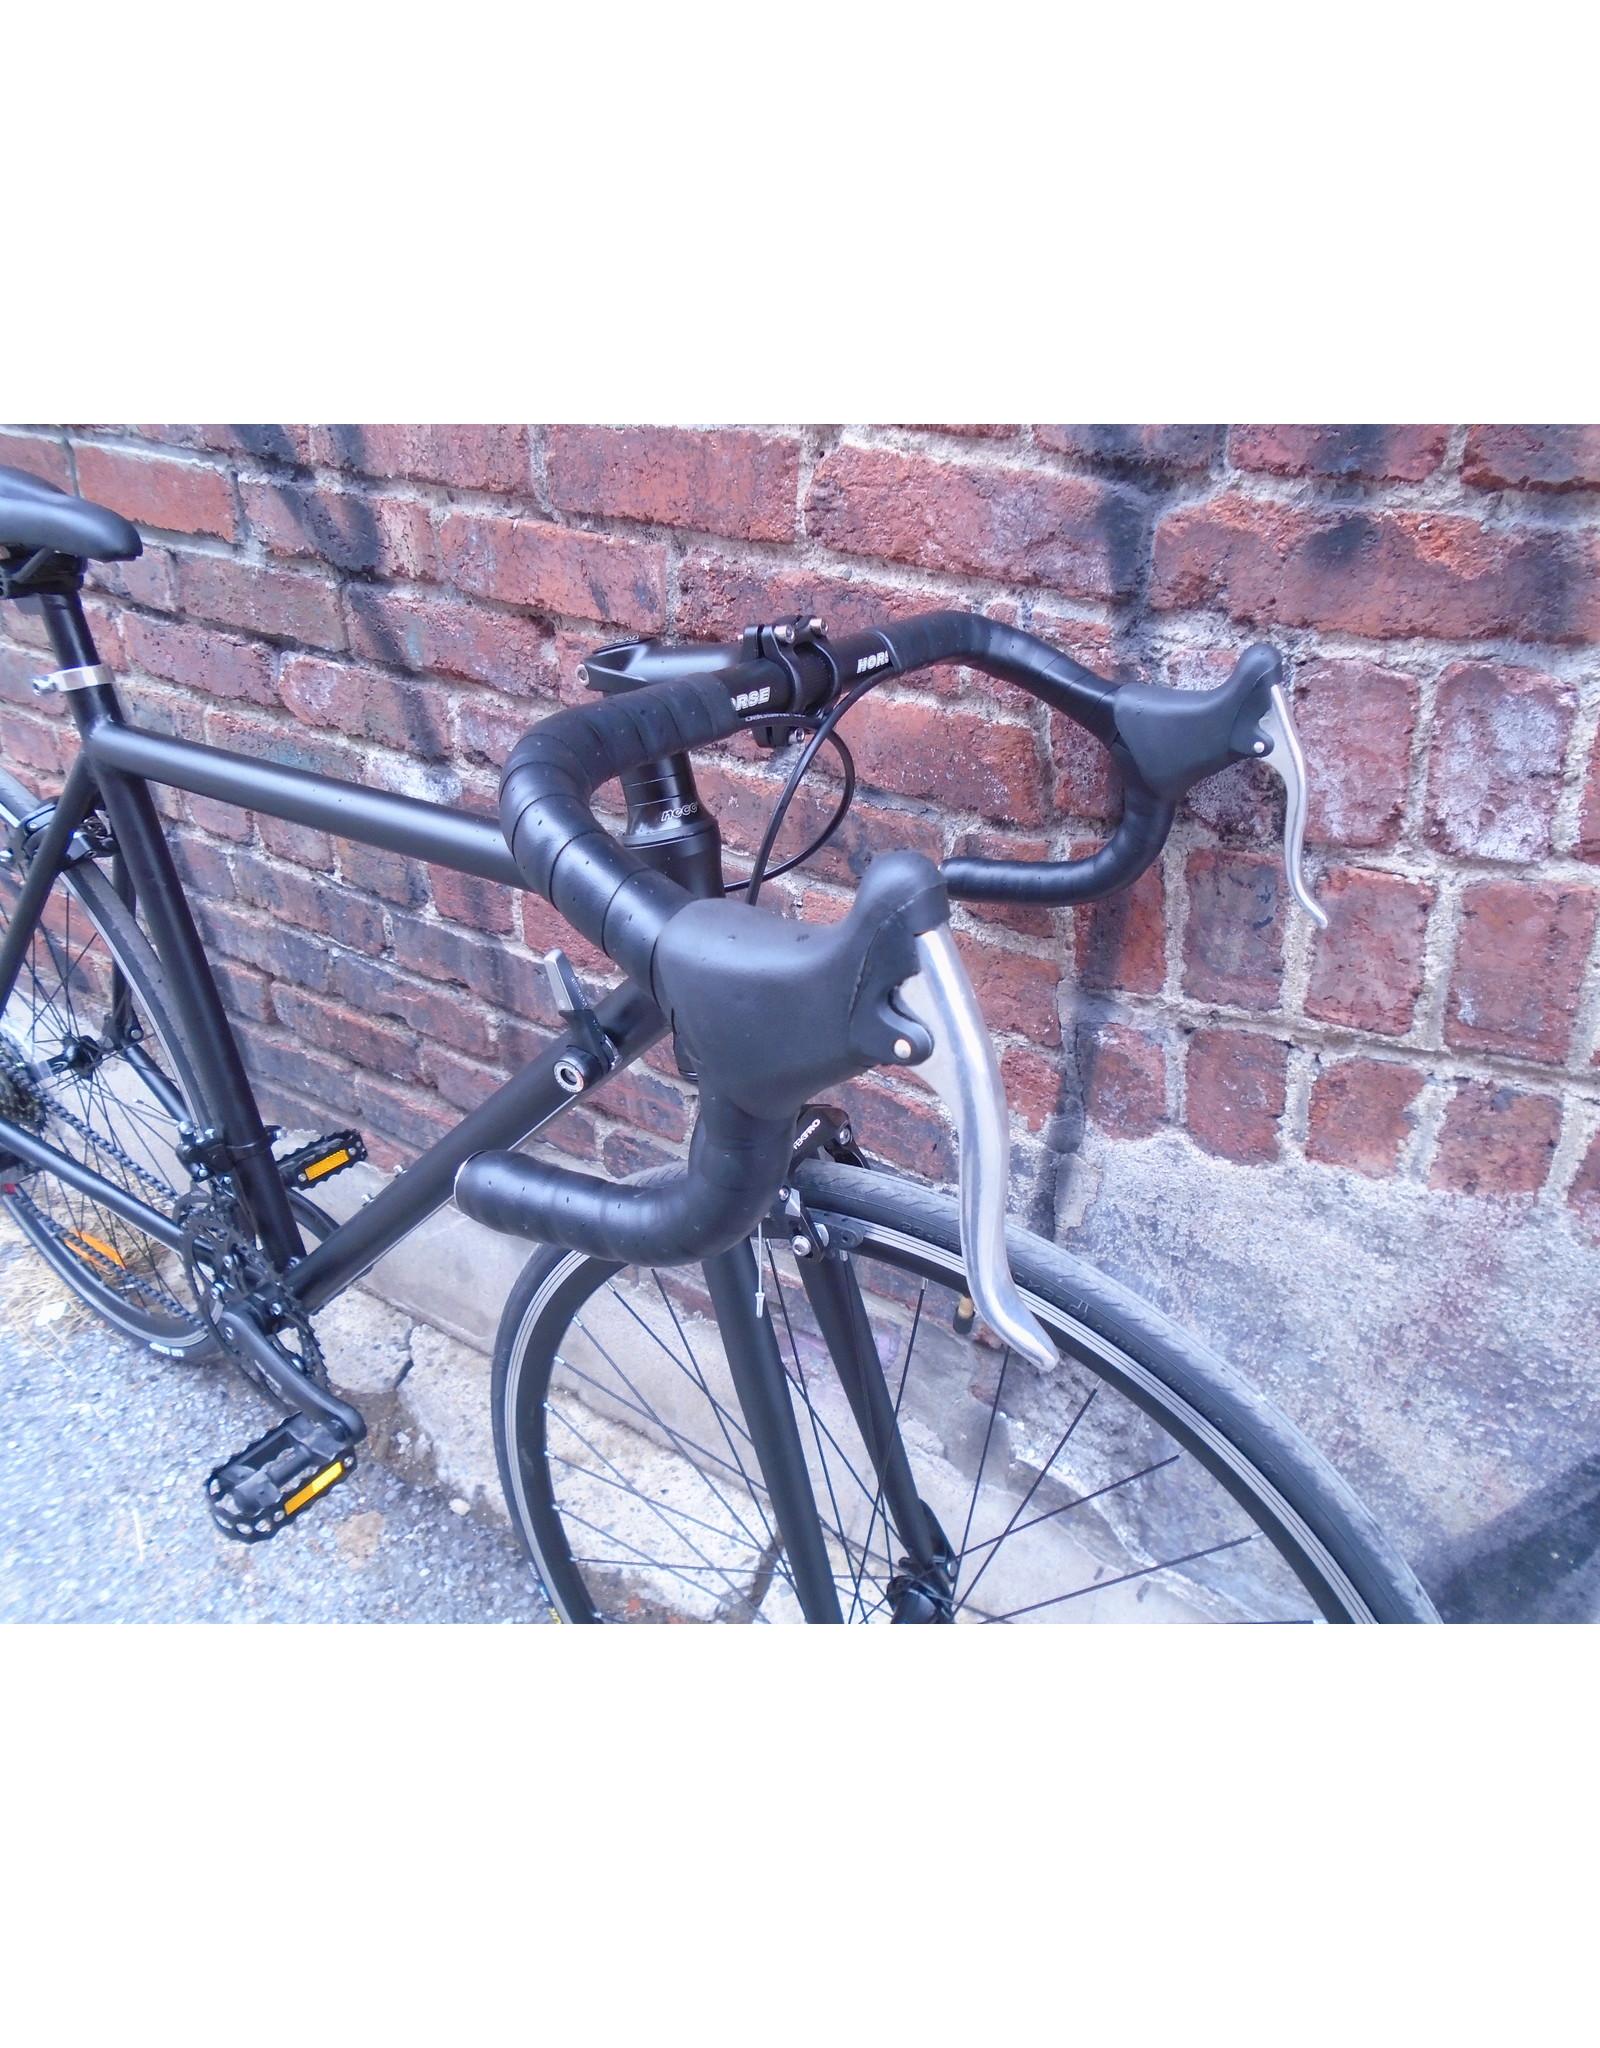 ParVélo 54cm aluminum 14-speed road bike